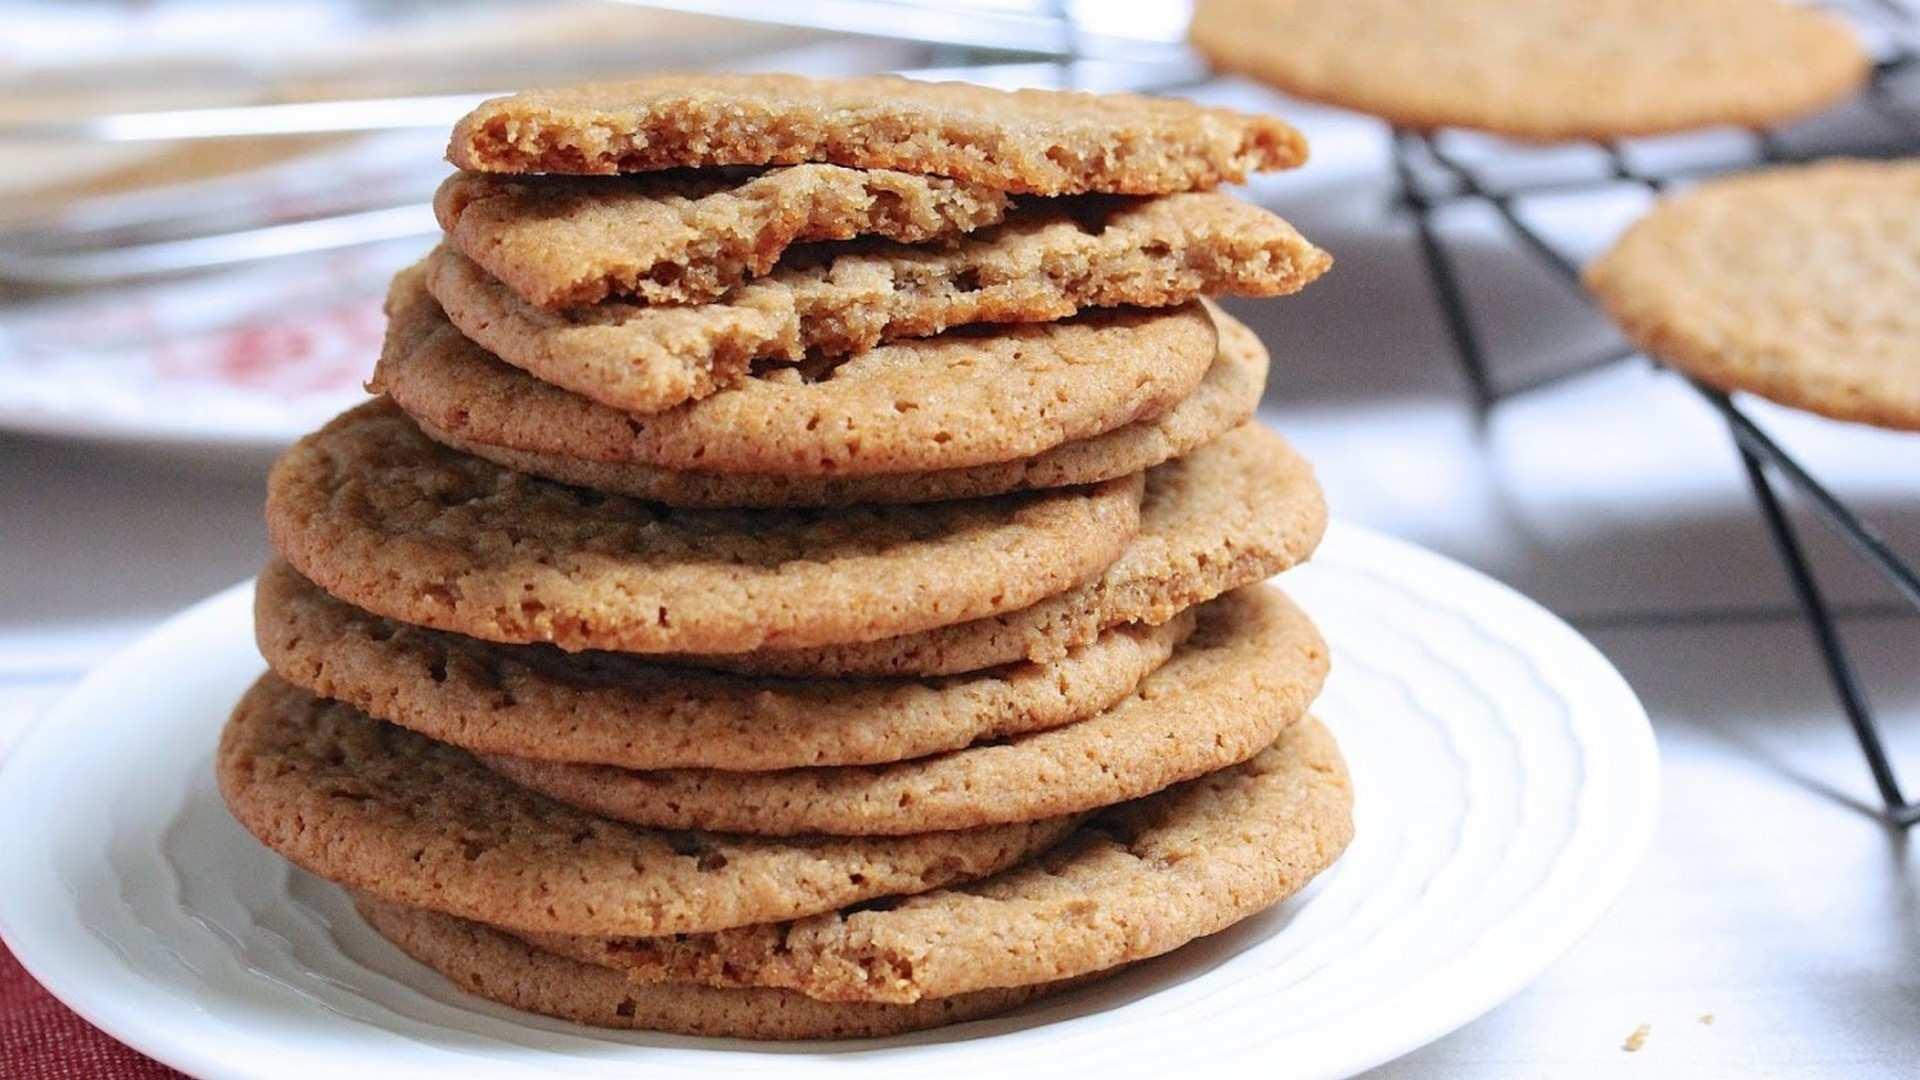 Receta de galletas de mantequilla sin gluten